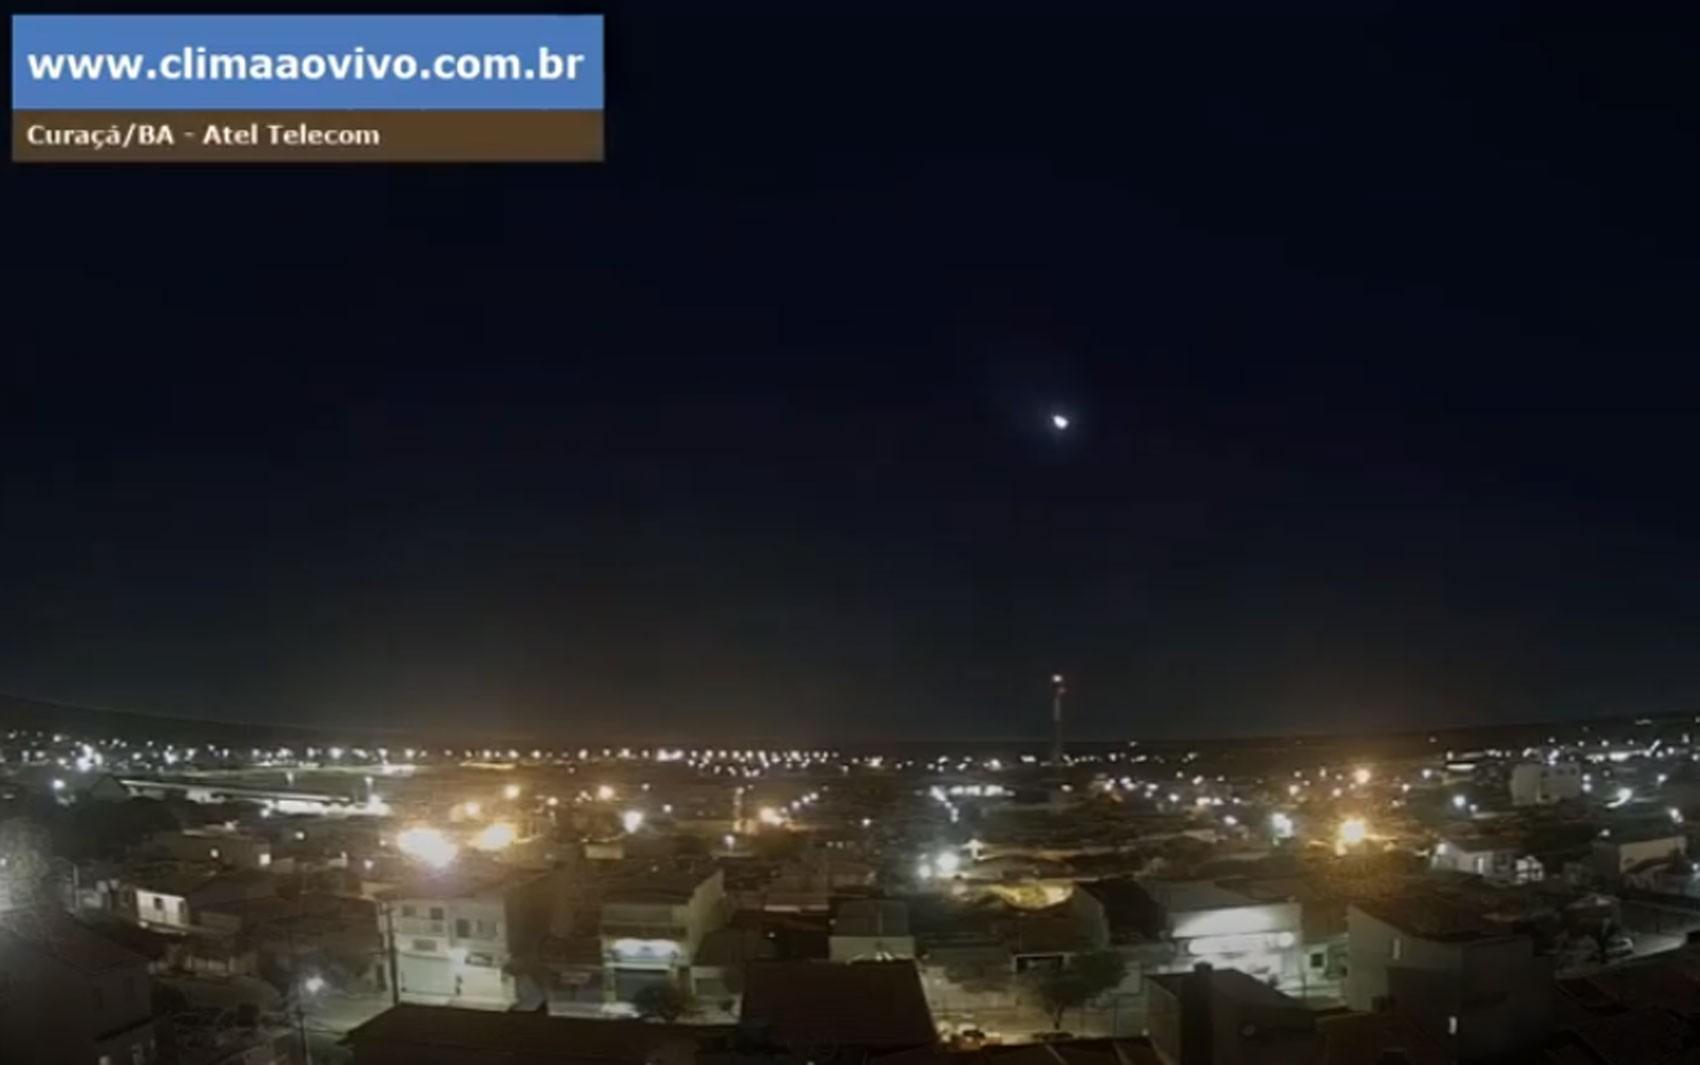 Meteoro luminoso é visto em cidades do Nordeste, e astrônomo diz: 'como uma bola de fogo cruzando o céu'